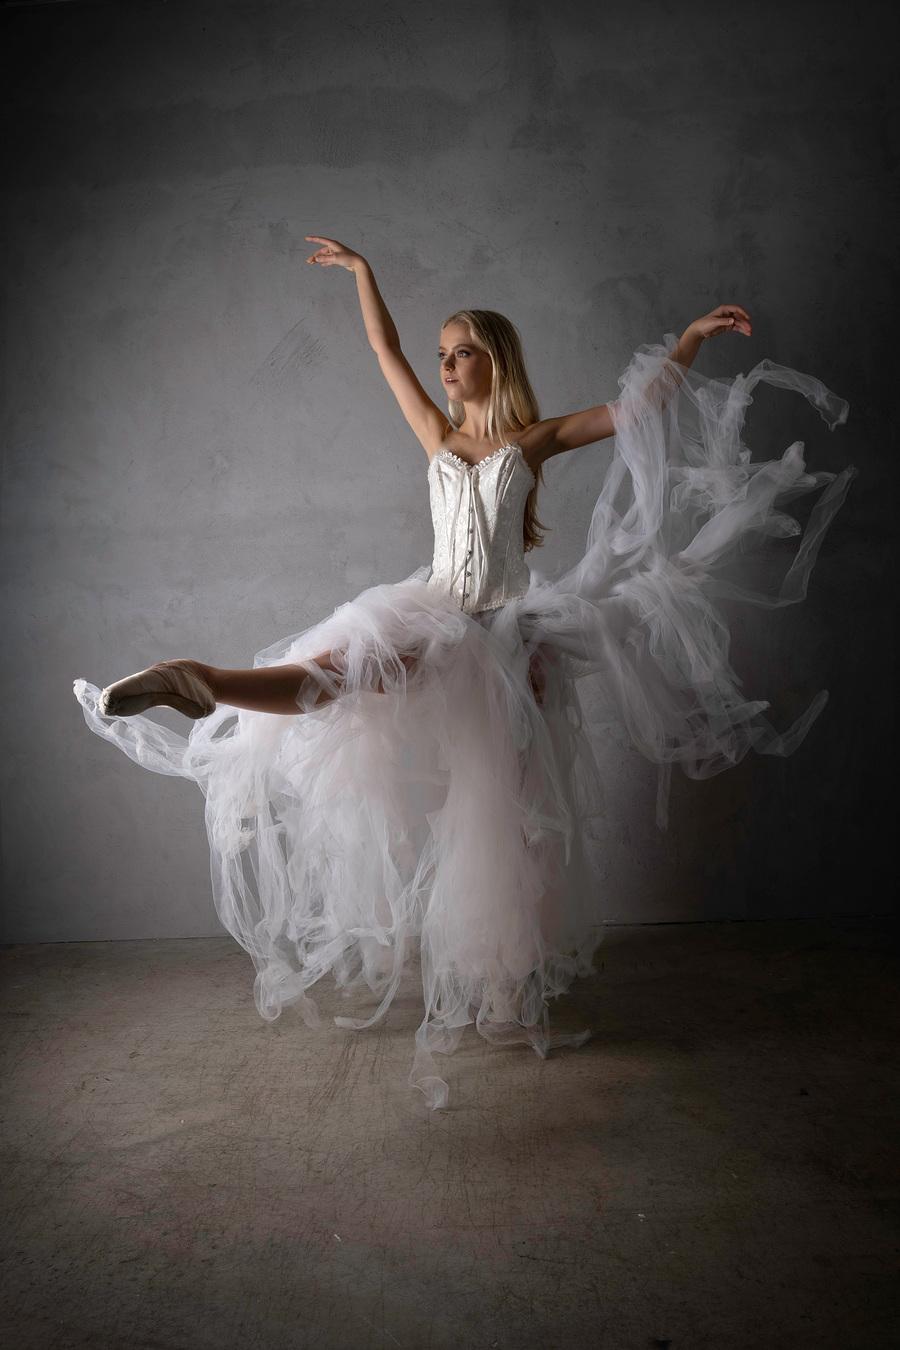 Floating away / Model Ballerina.Elle, Taken at Inspire Studios Ltd / Uploaded 16th January 2021 @ 09:58 AM